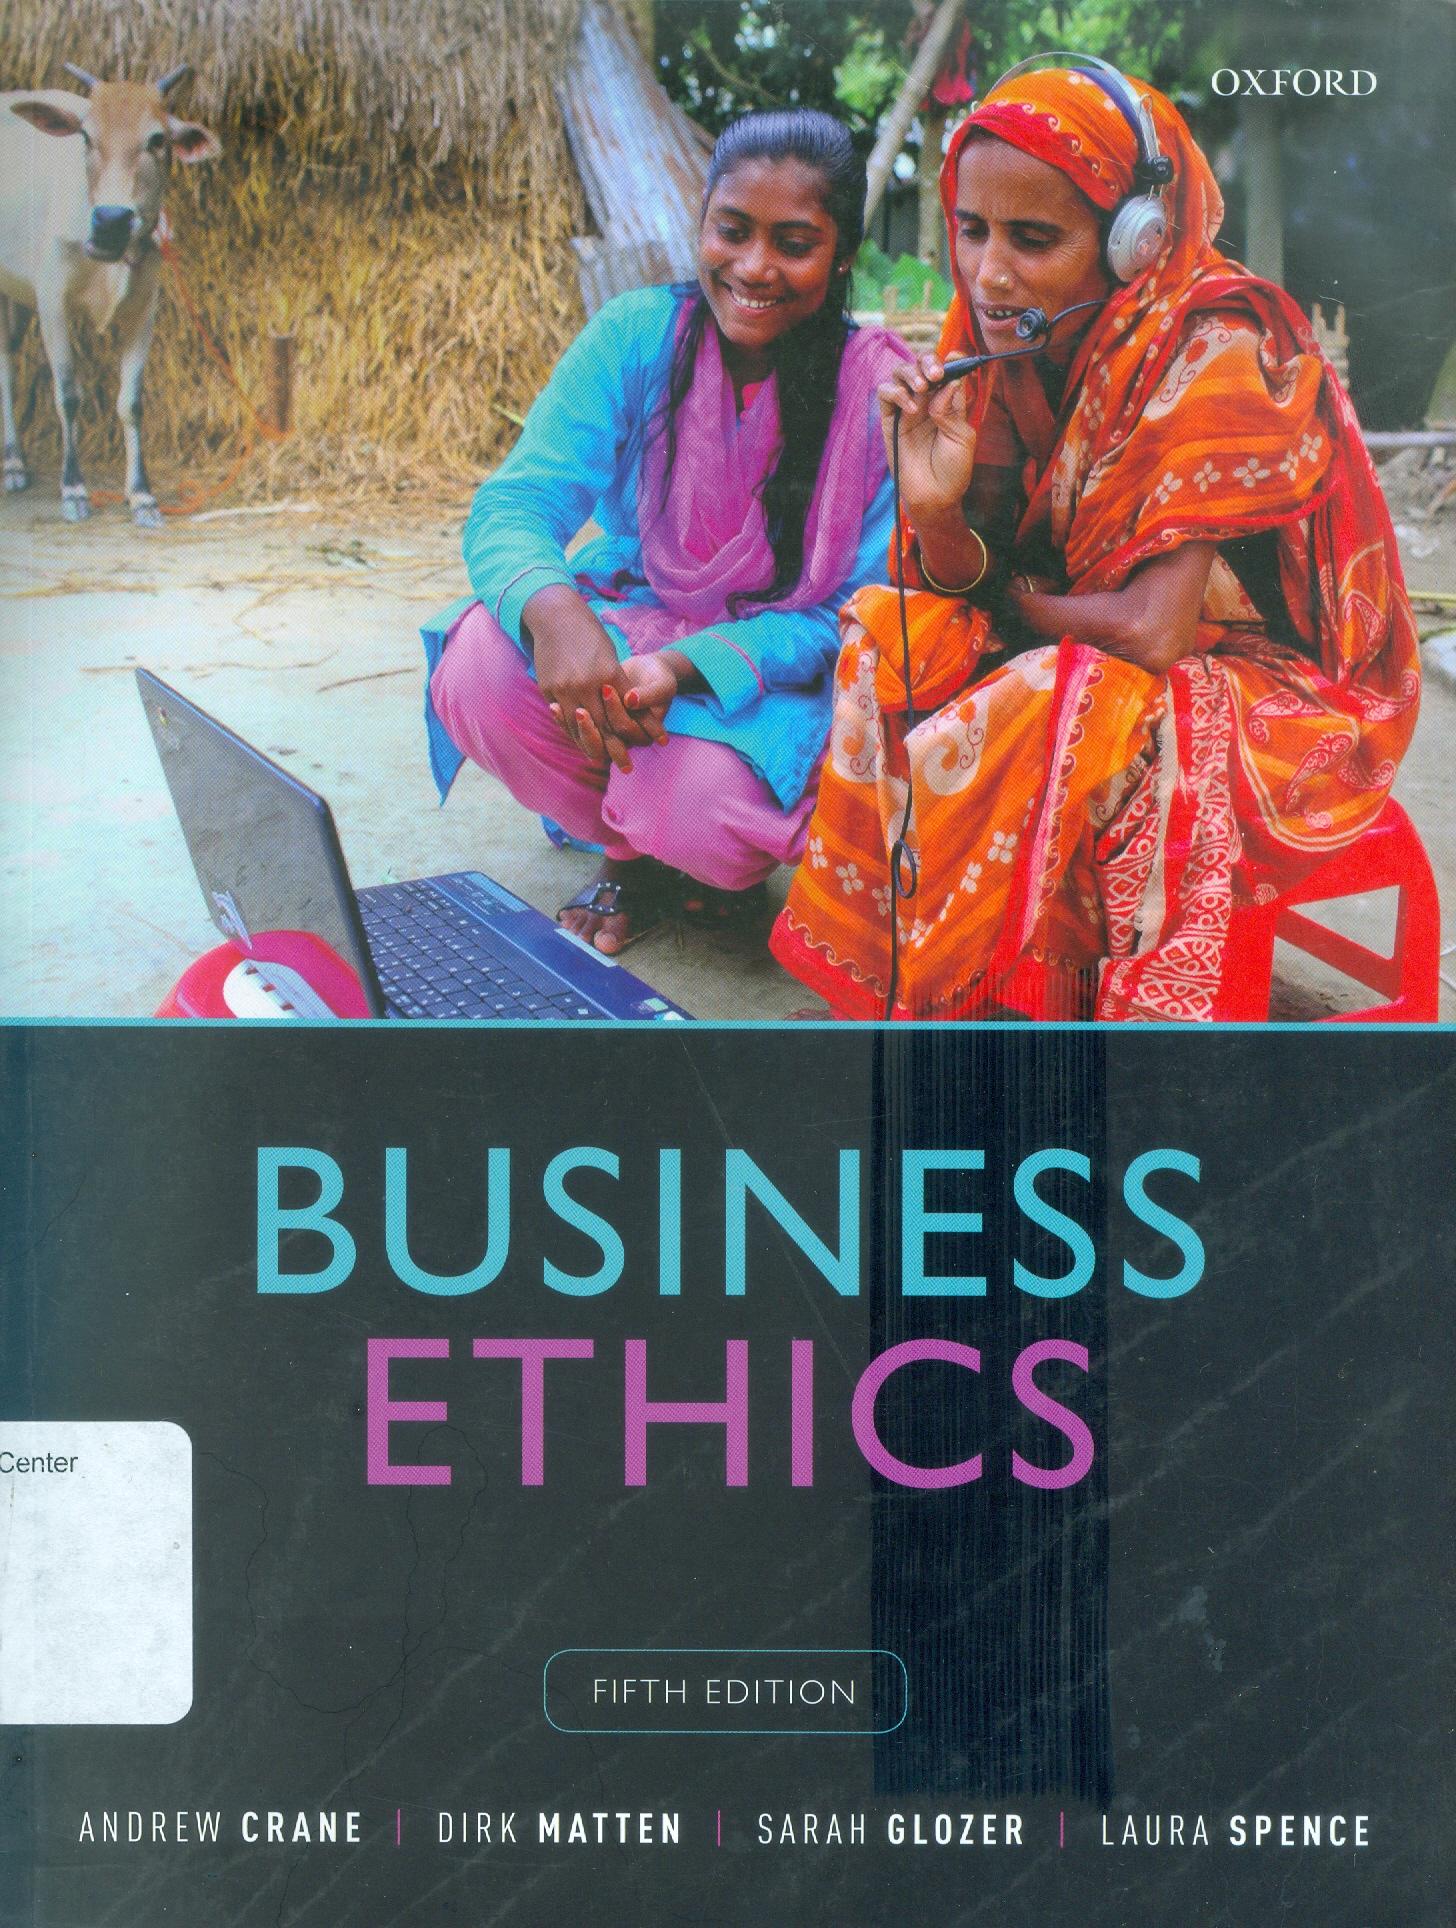 business ethics5.jpg